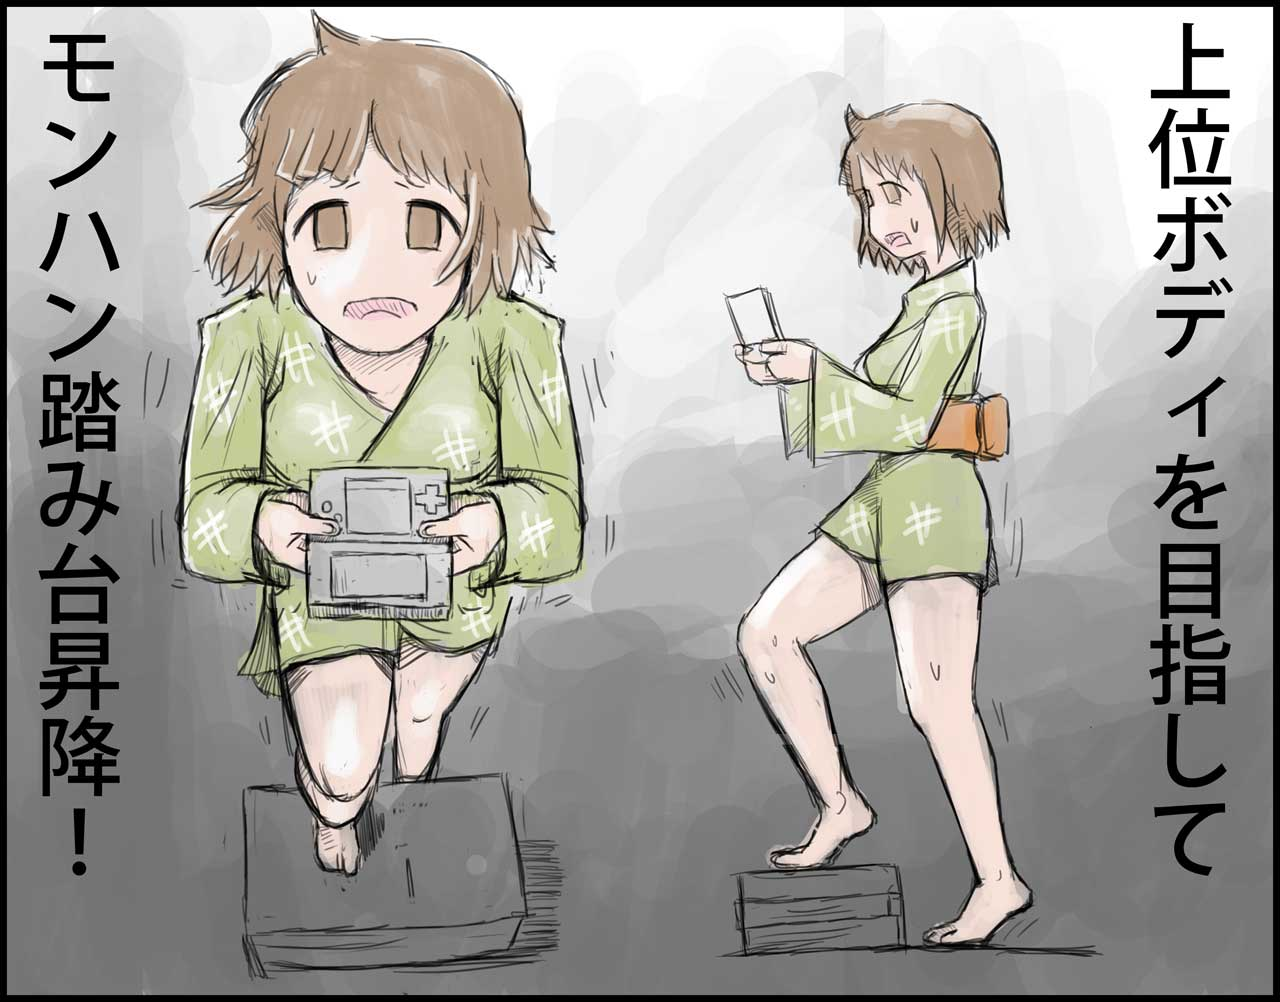 姫子さん式モンハン踏み台昇降運動